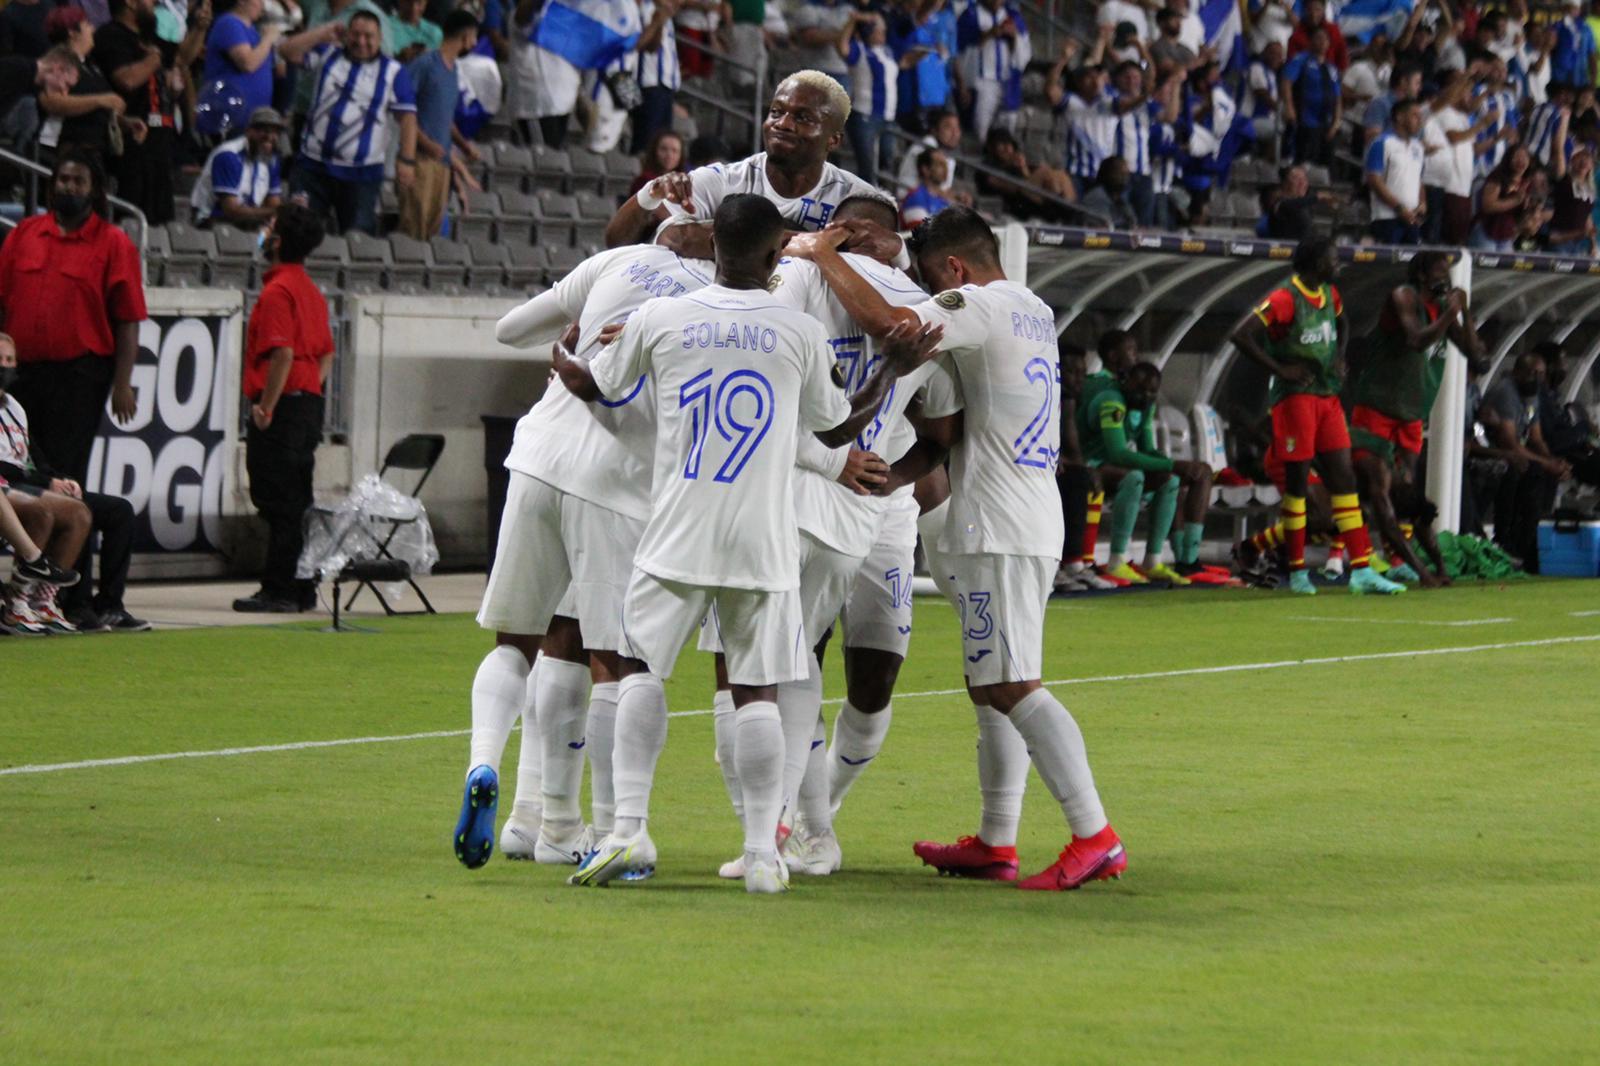 Alineación de Honduras para el partido vs México, fase de grupos de la Copa Oro 2021